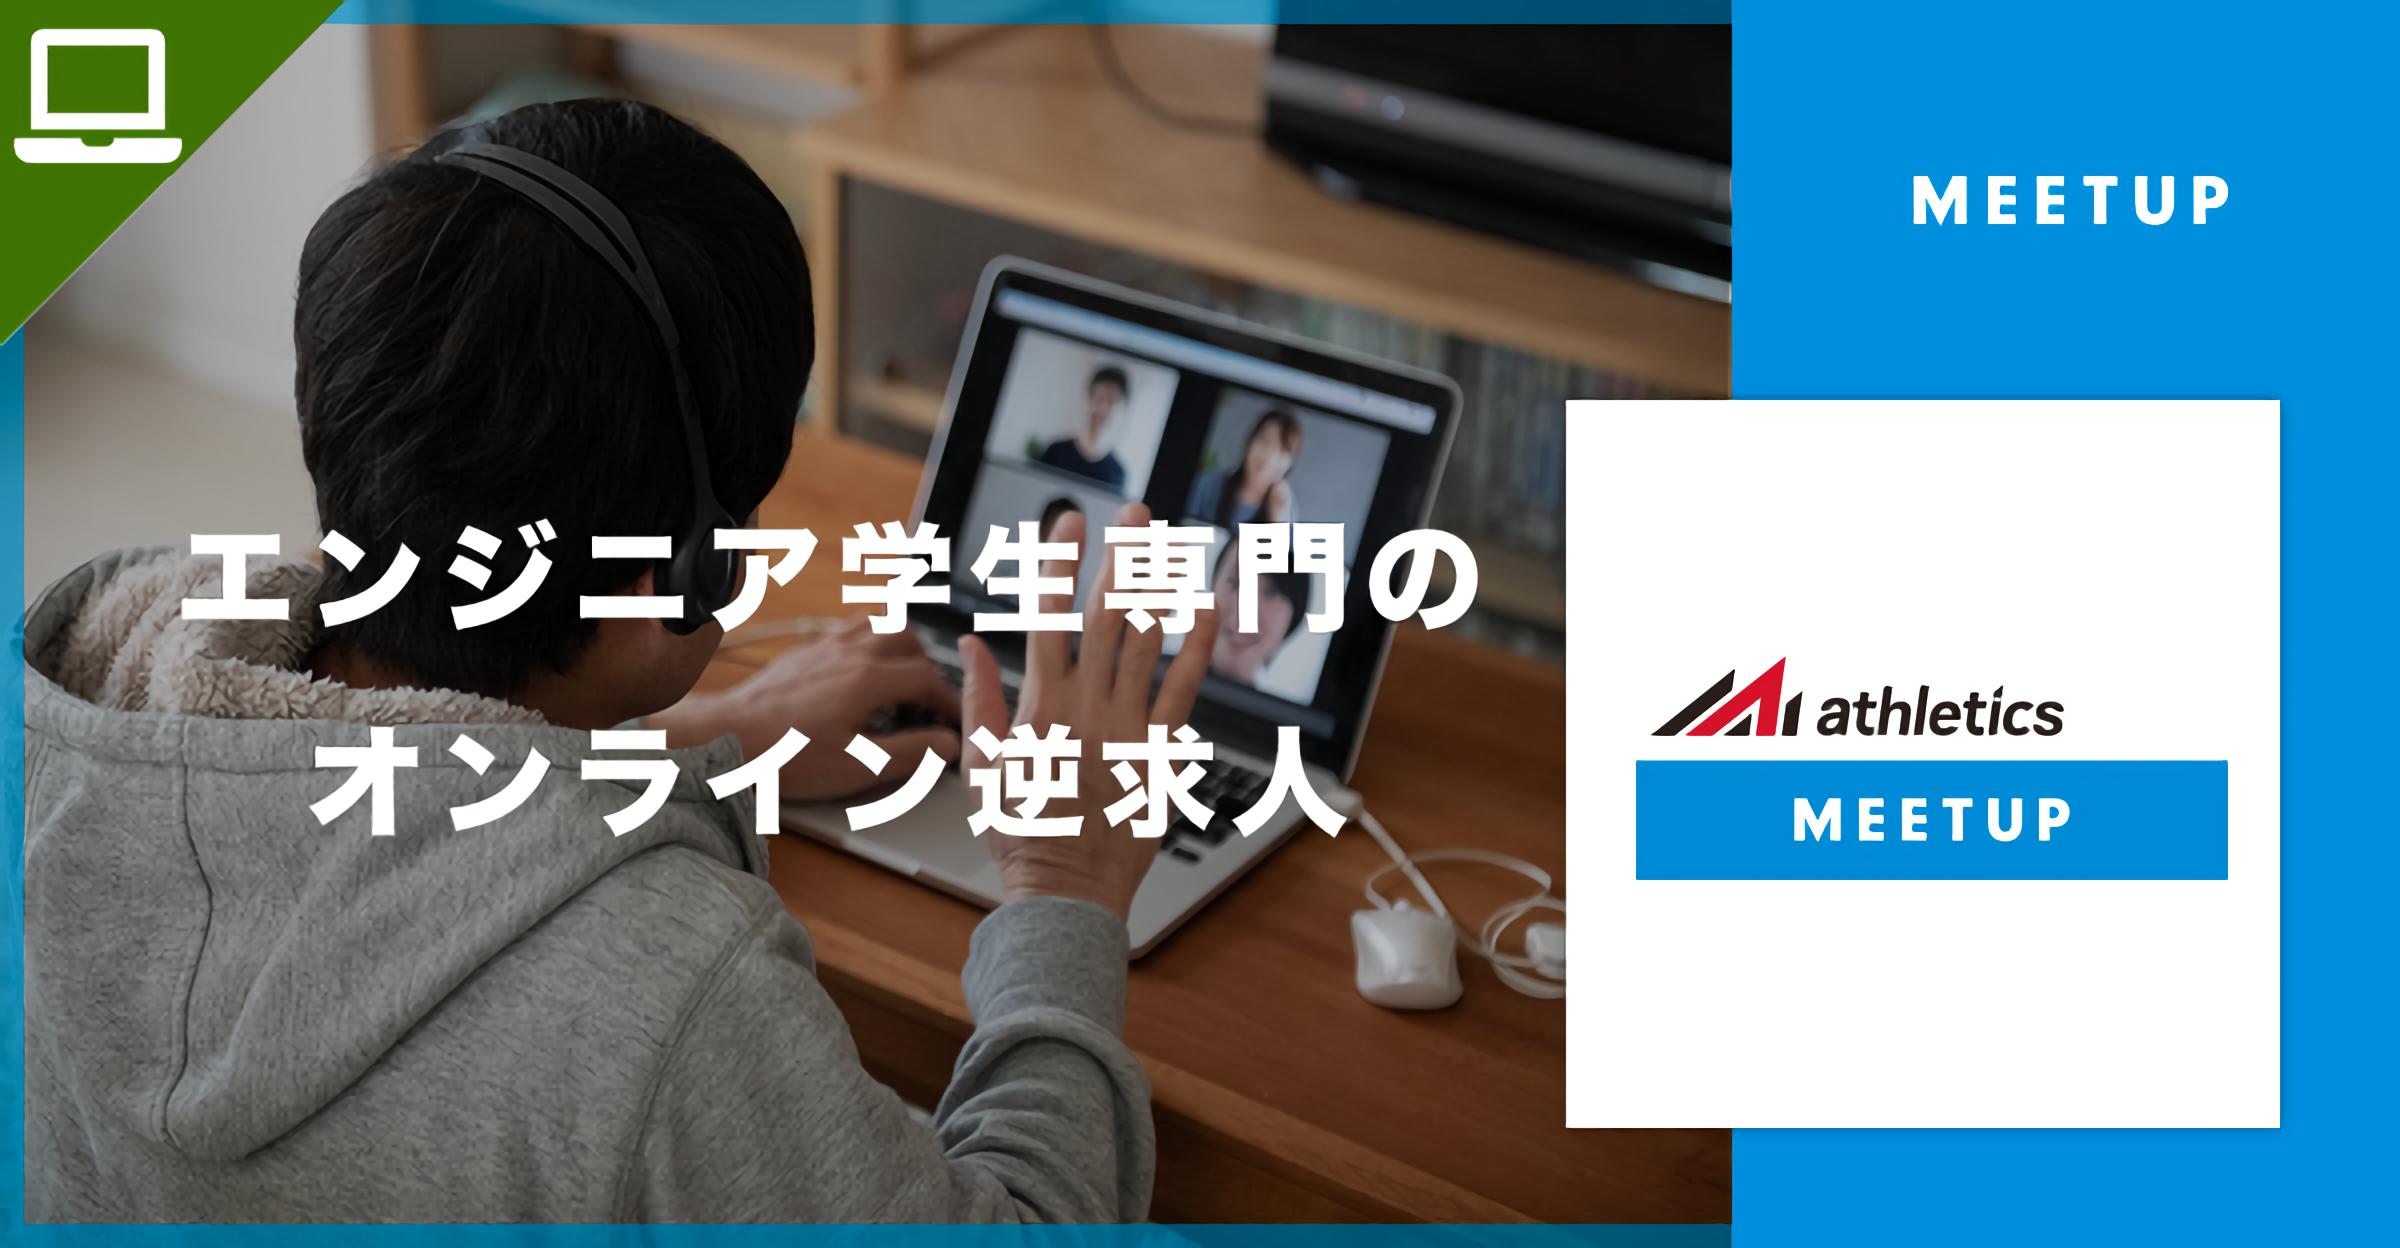 【22卒】スキルや実績を採用担当者に直接アピール、オンライン逆求人「athletics MEETUP」 image